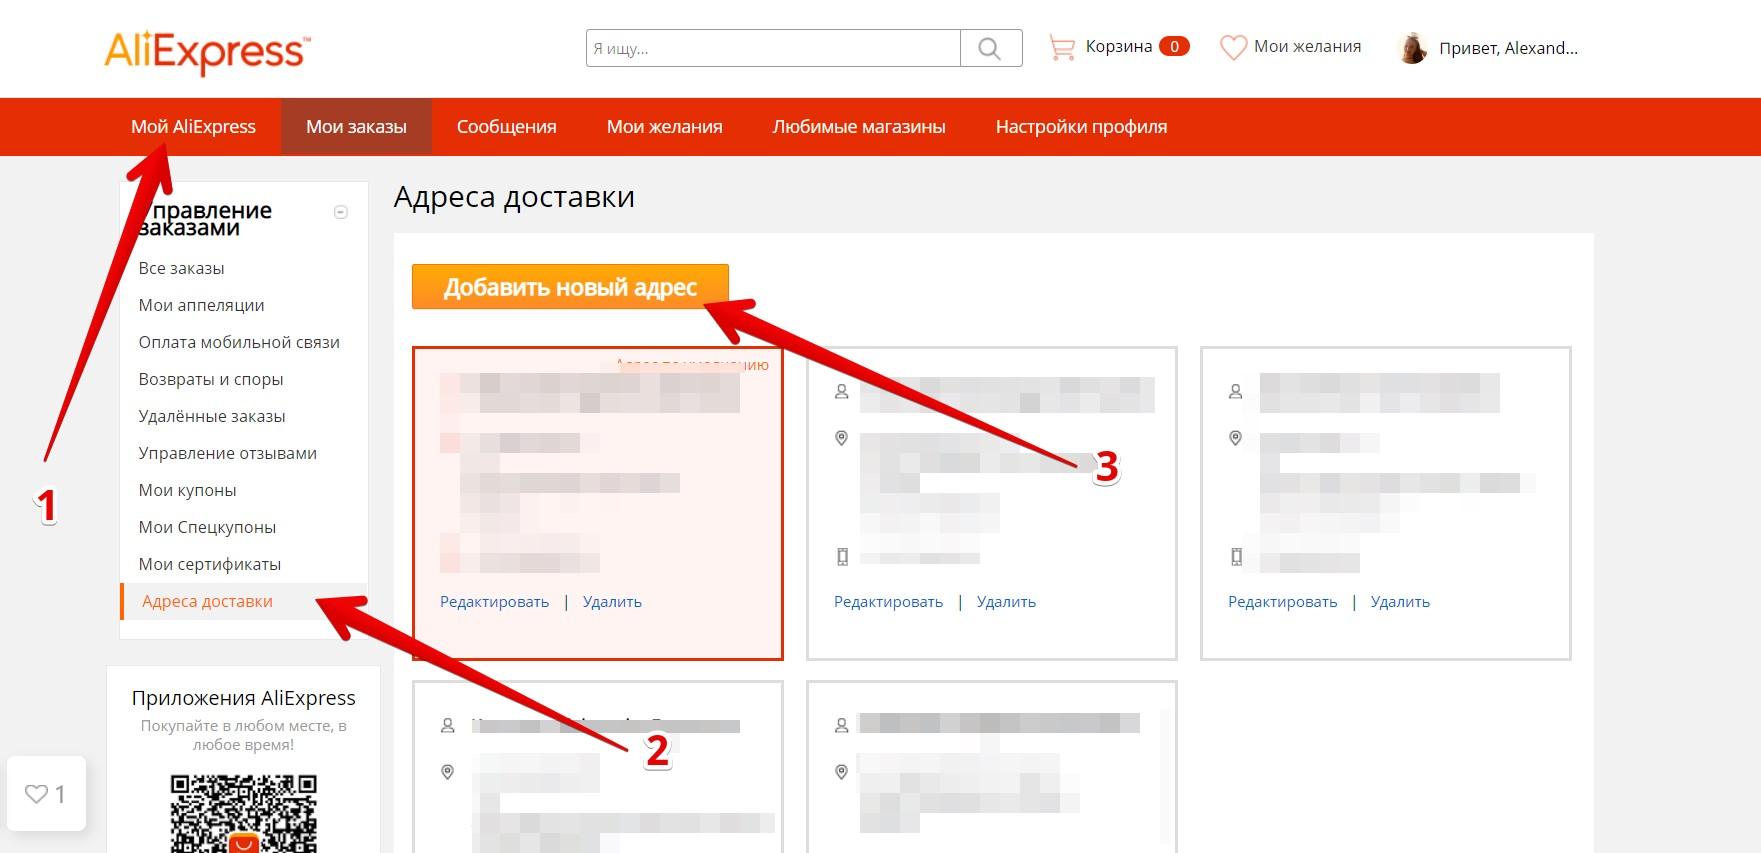 создание нового адреса на алиэкспресс для крымчан